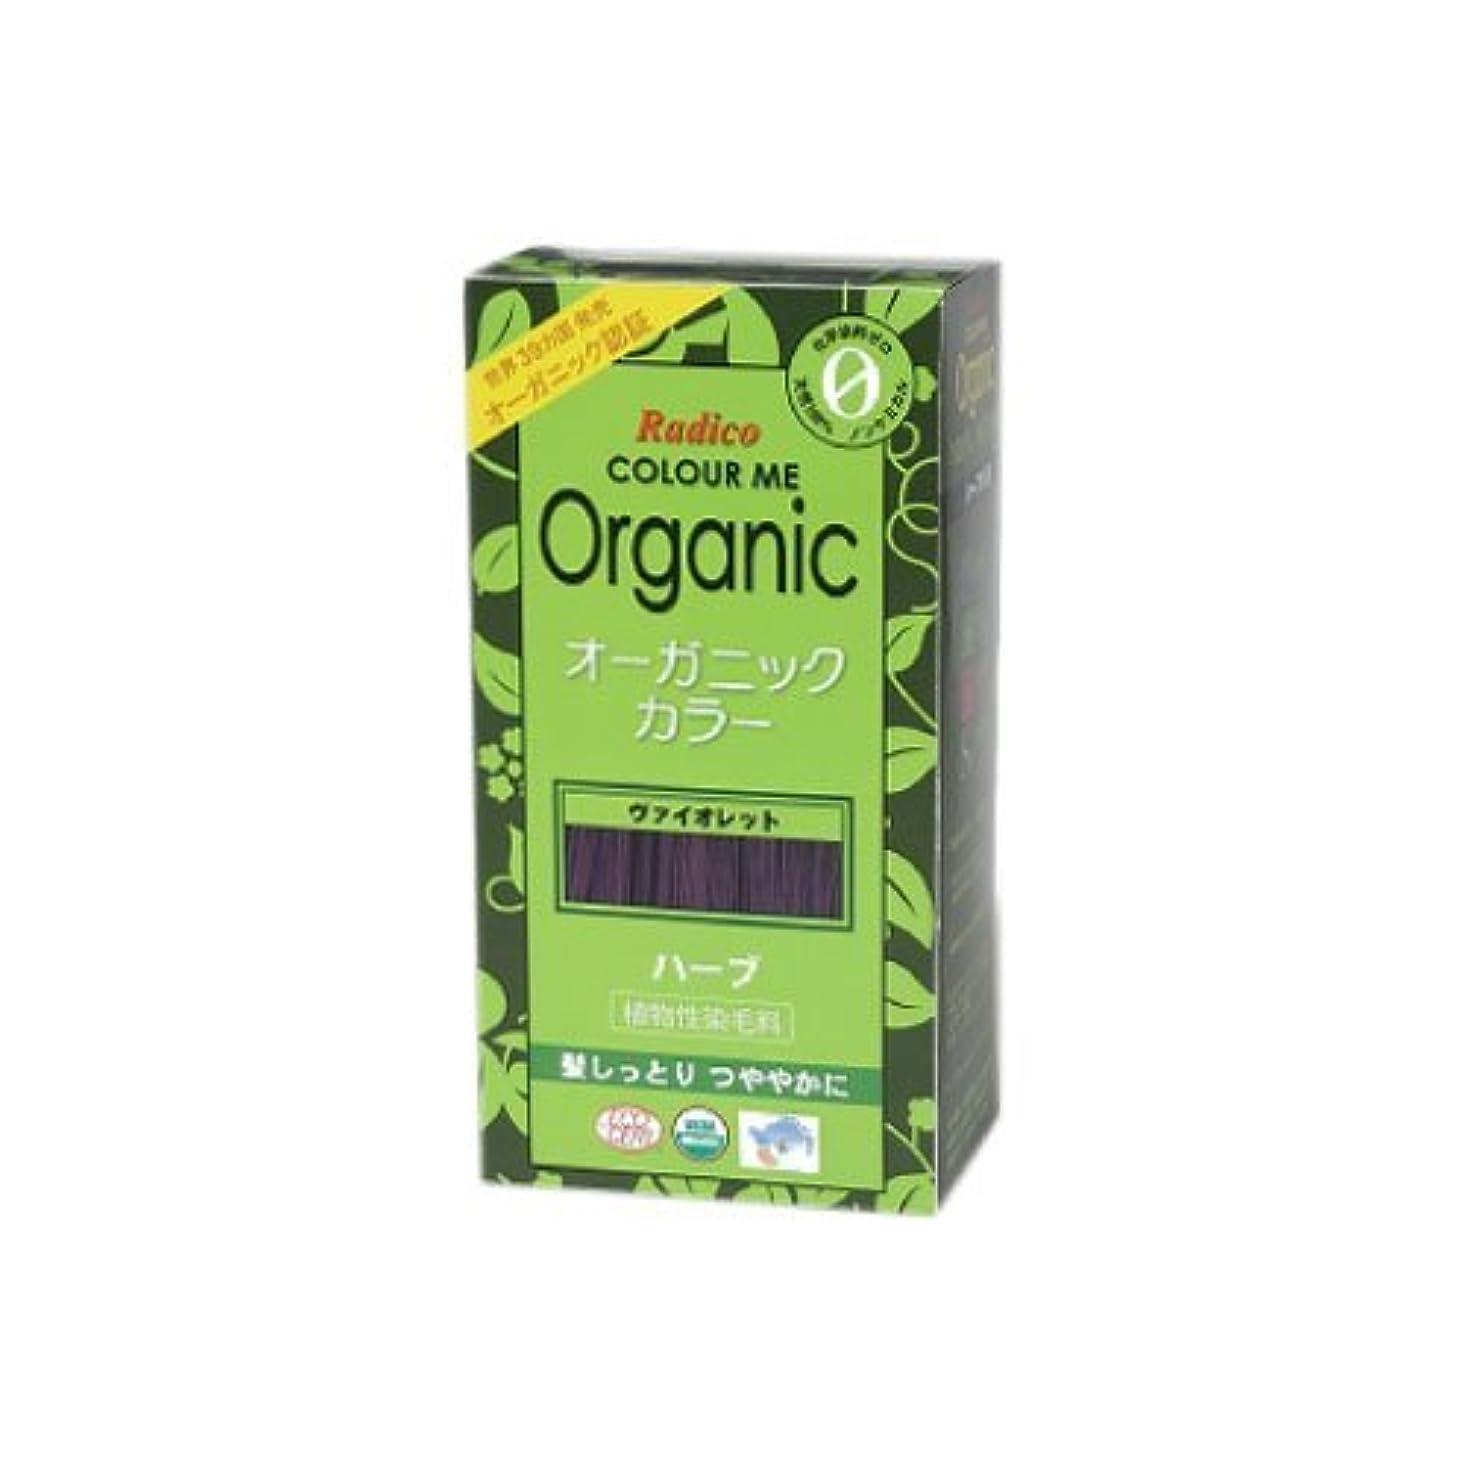 サルベージつぶすスペアCOLOURME Organic (カラーミーオーガニック ヘナ 白髪用 紫色) ヴァイオレット 100g